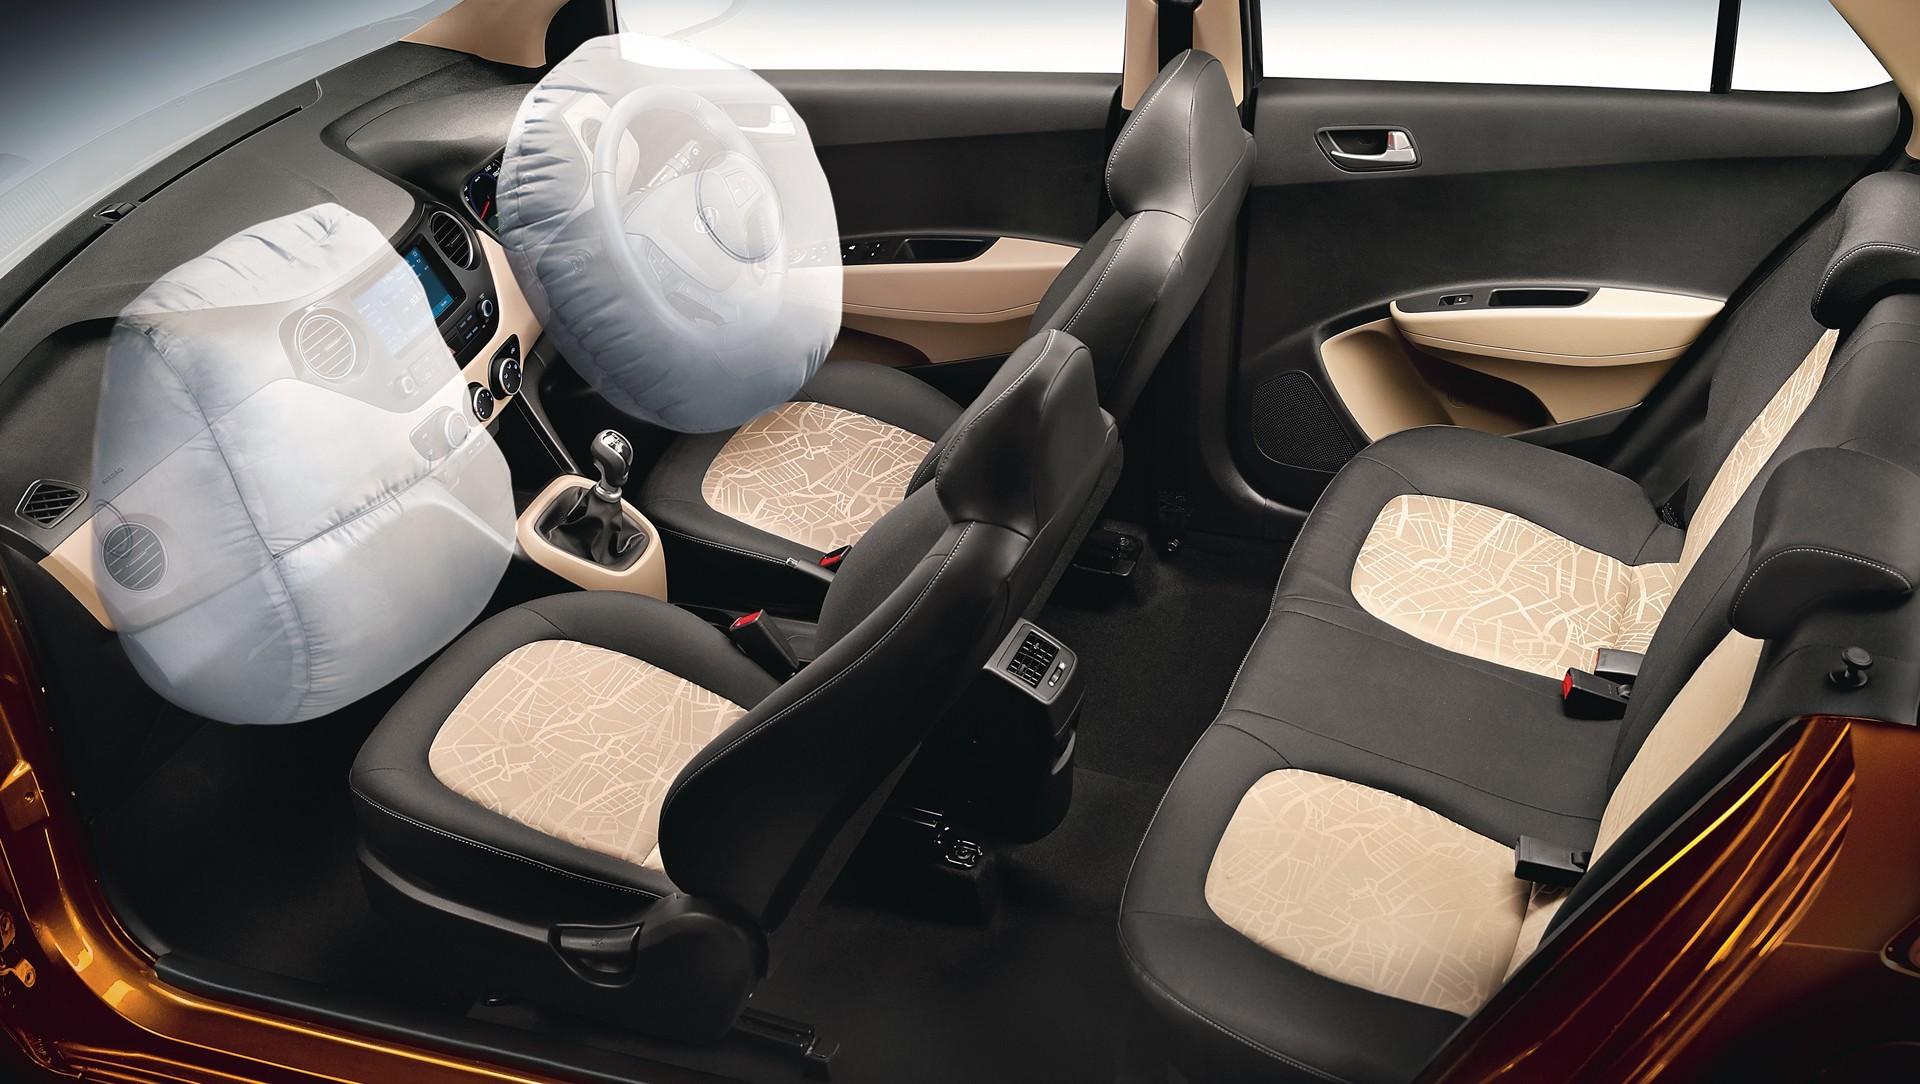 Hyundai-Grand-i10-Interior-89954.jpg